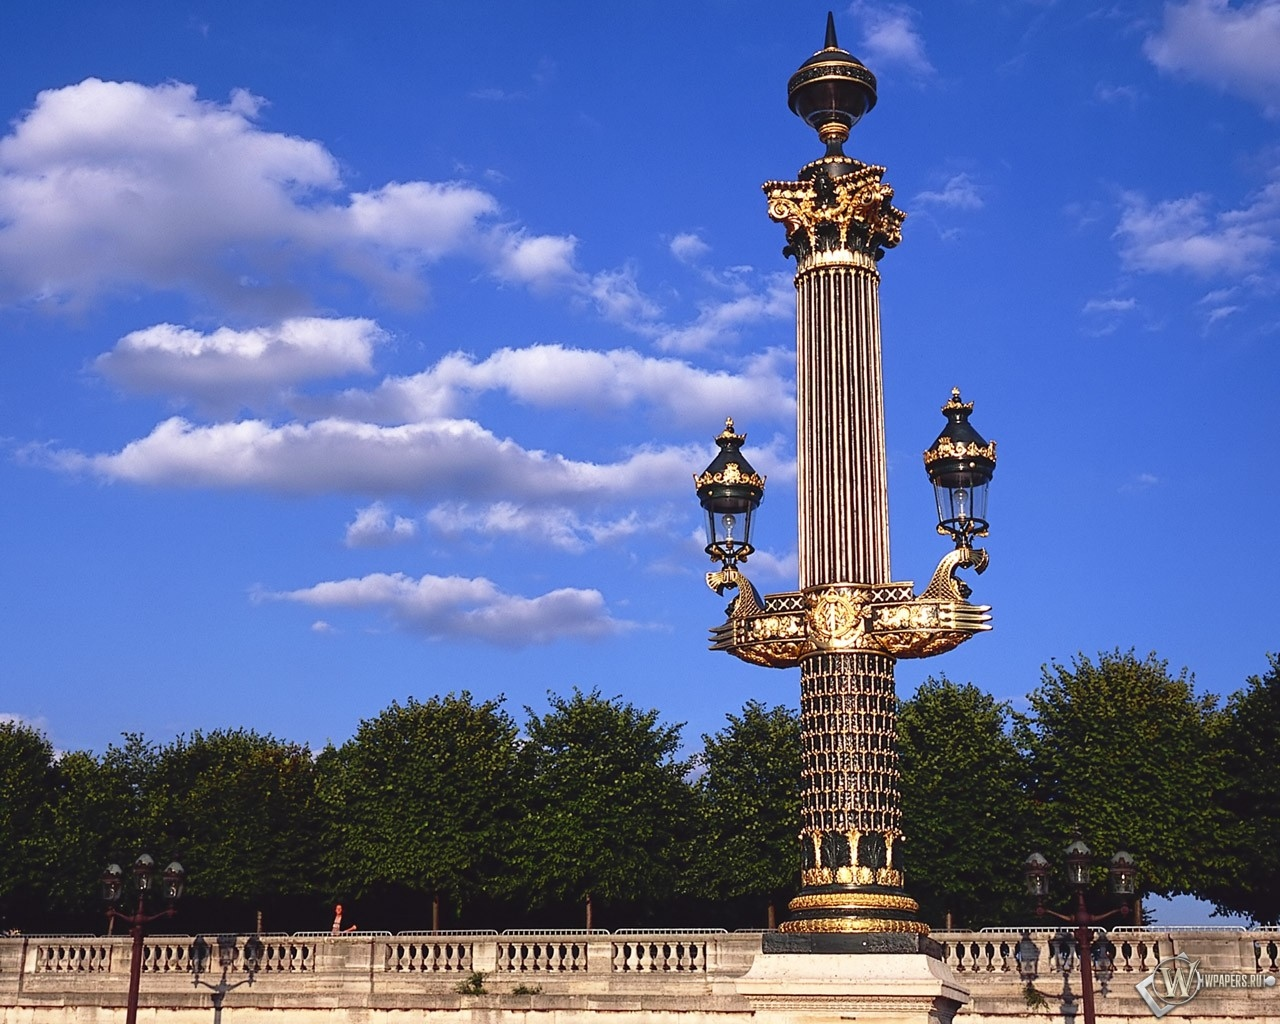 Франция - Башни - Колонны 1280x1024